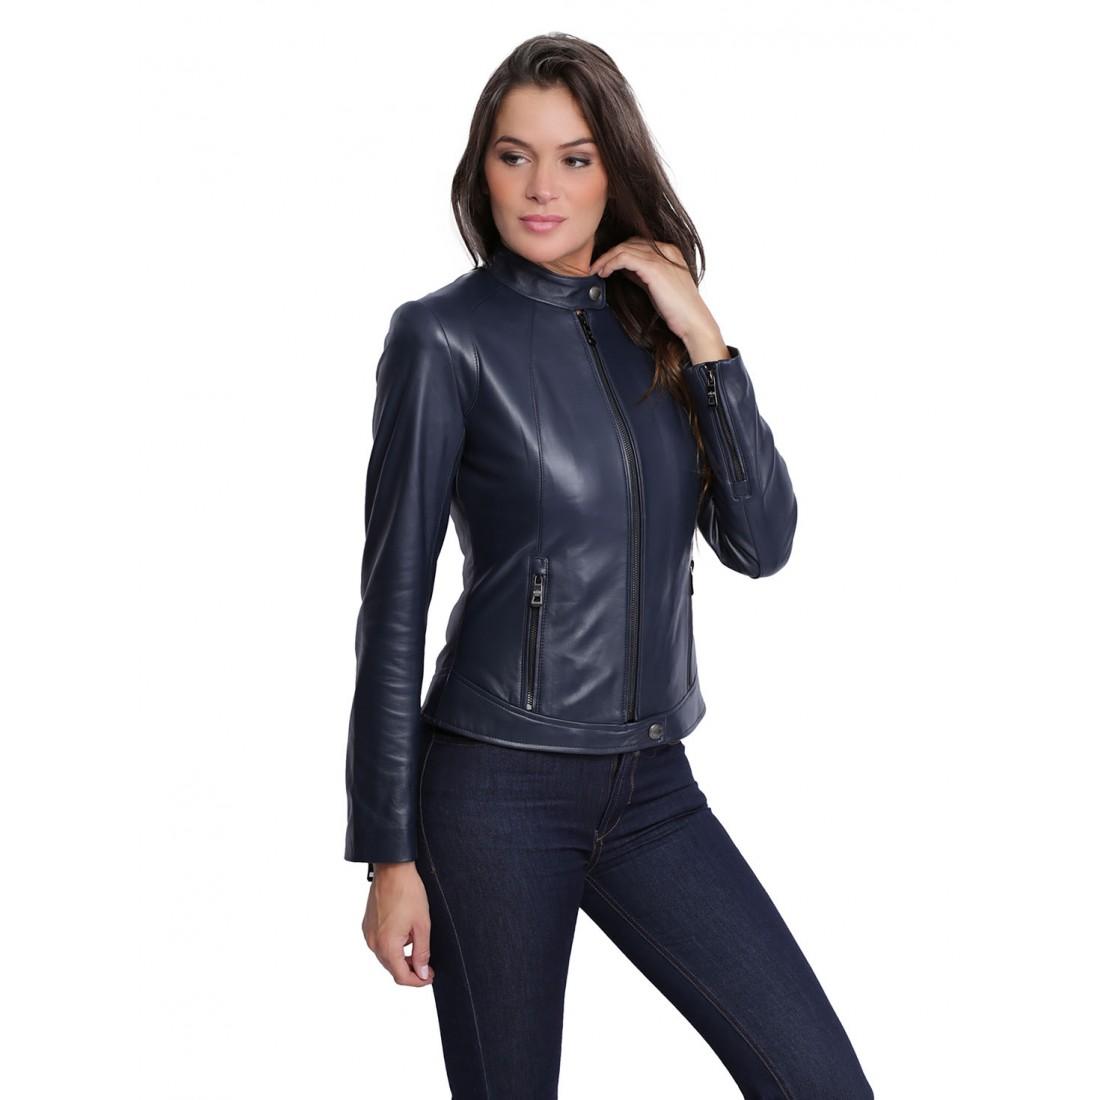 Créée en mars , la marque de veste en cuir perfecto aviateur pour homme et femme, «LADC» a su décliner une gamme de produits accessibles et de qualité, tout en gardant son propre tempérament. son propre tempérament.